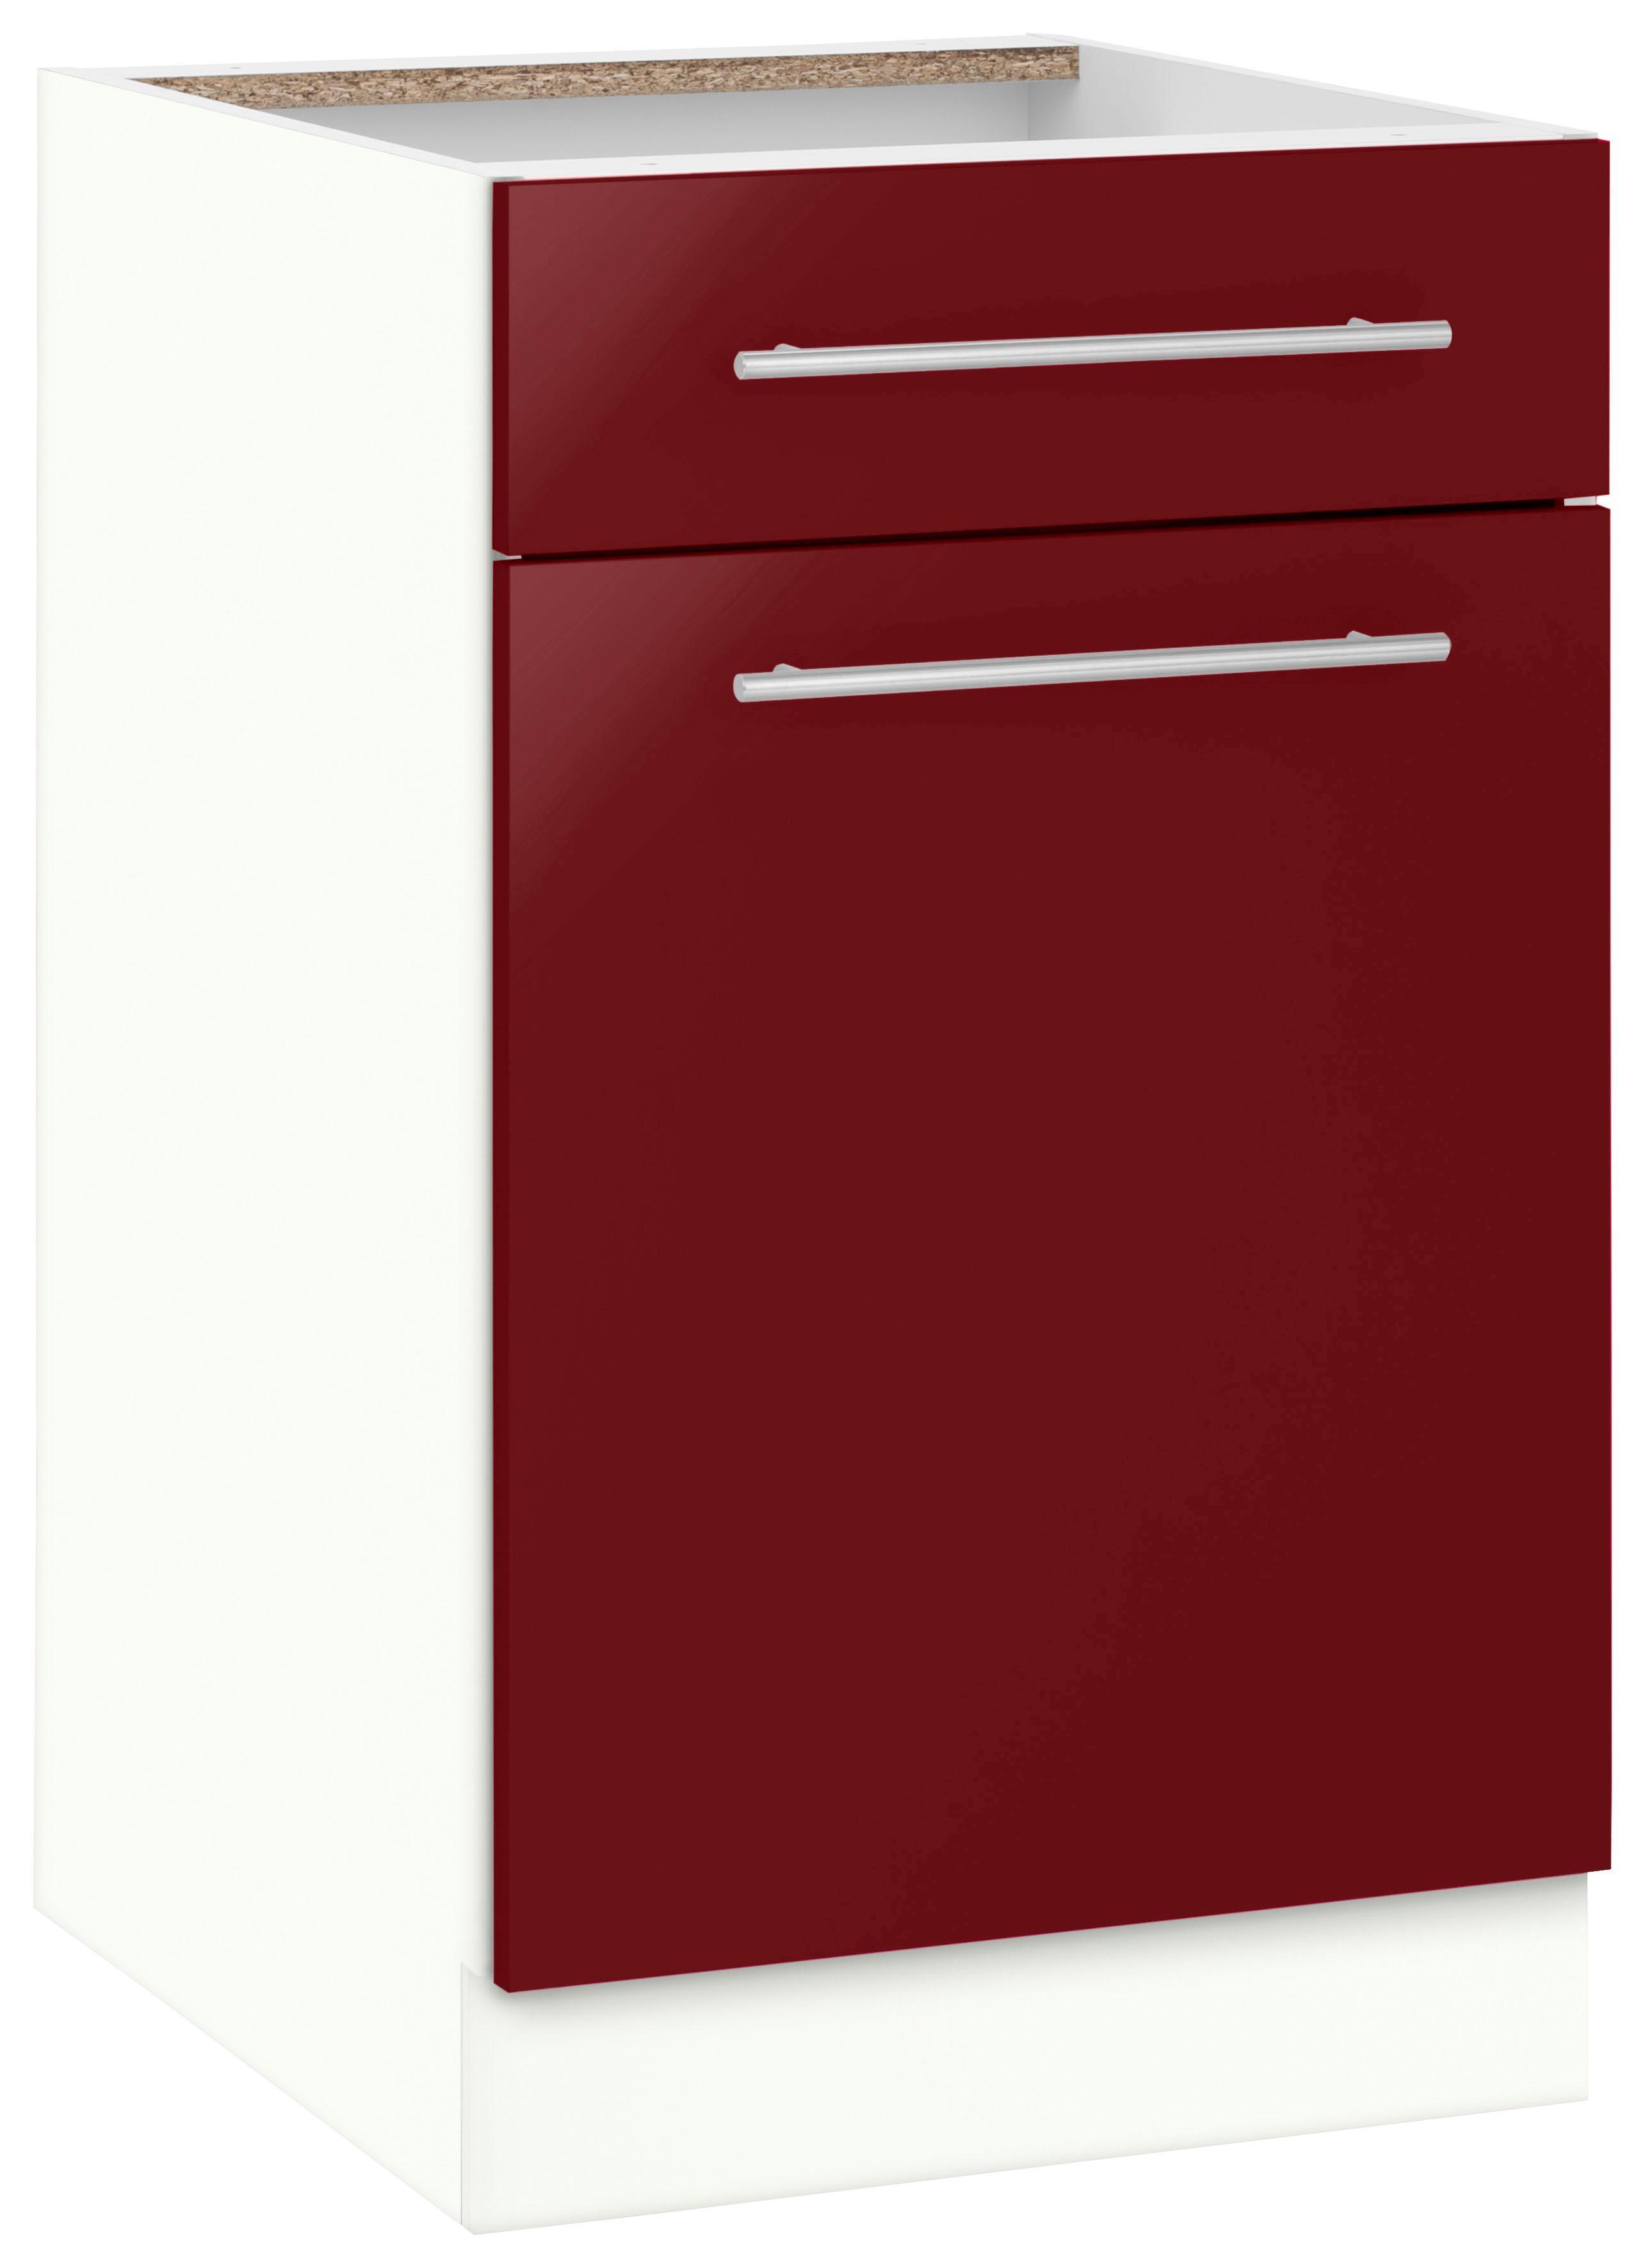 Küchen Unterschrank Hochglanz Weiß Preisvergleich • Die ...